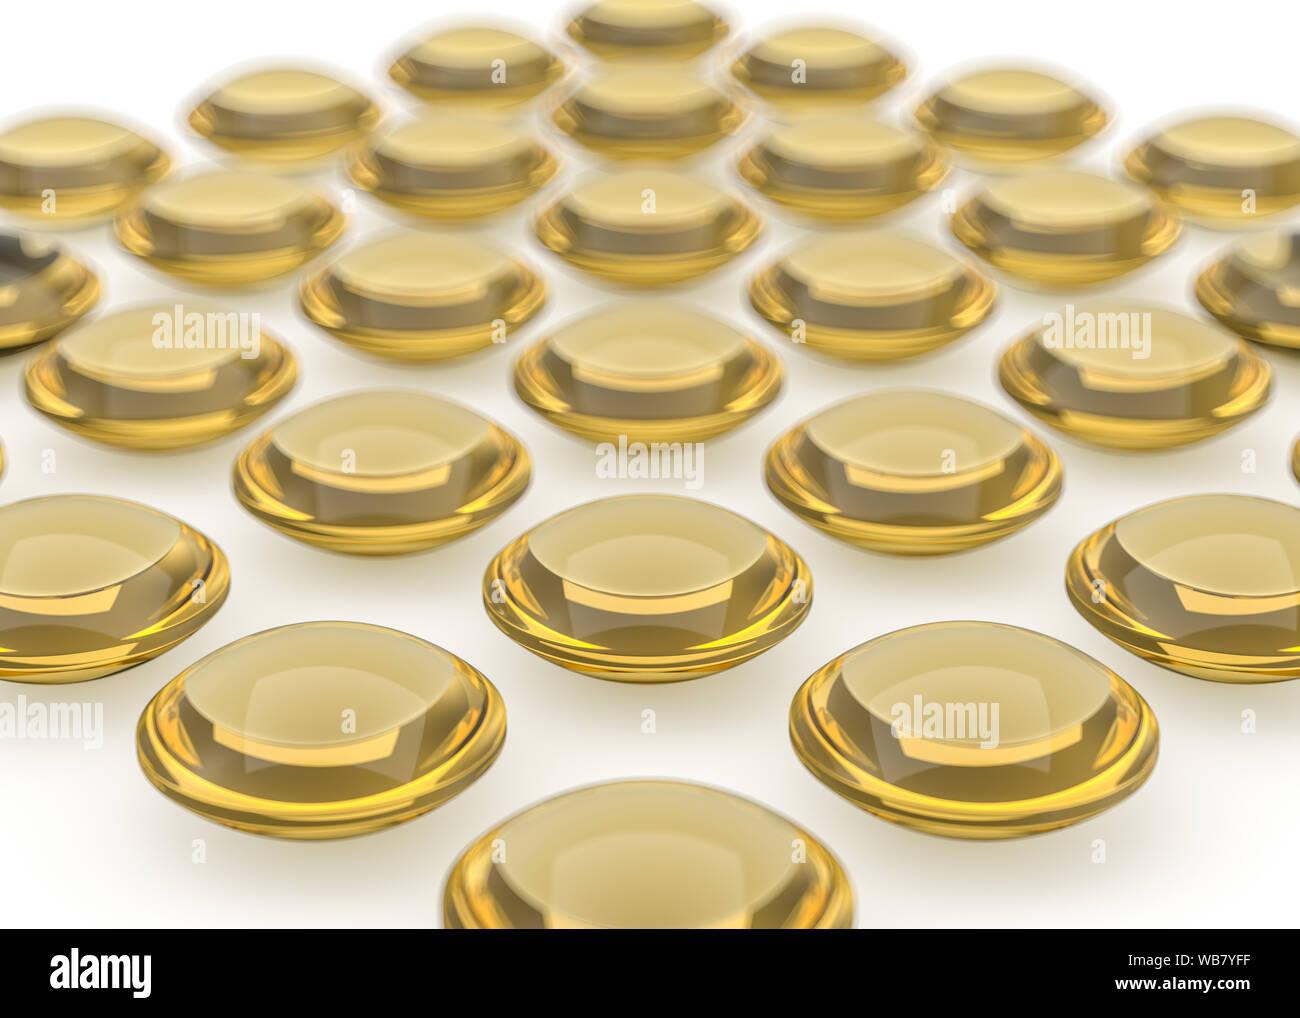 Capsula lucida llustration. Immagine dorato con riflessi e ombre. Cosmetico, farmaceutico e medico di concetto. Il rendering 3D Foto Stock